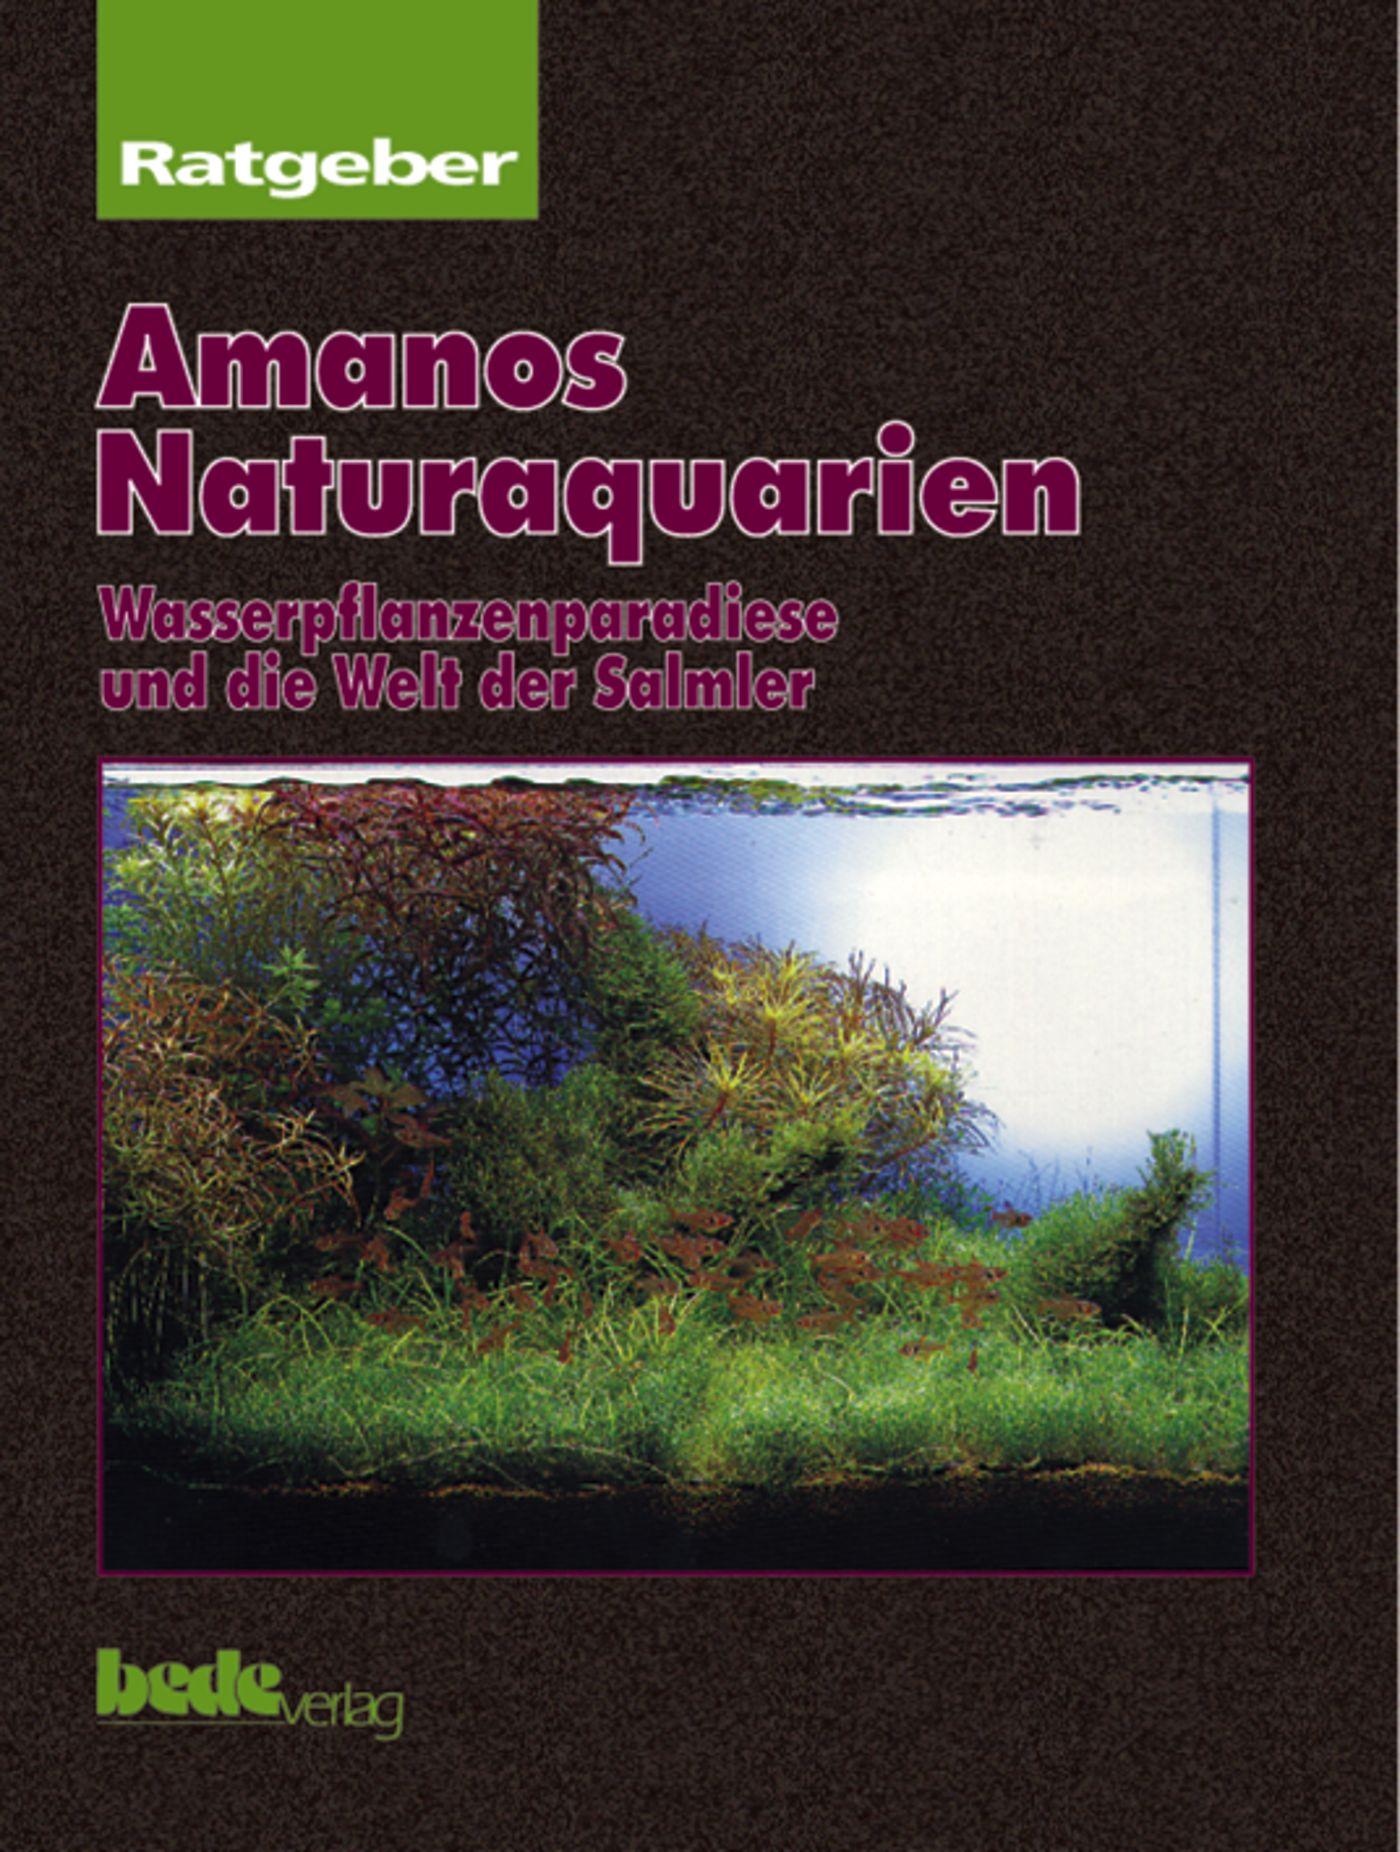 Amanos Naturaquarien, Ratgeber: Wasserpflanzenp...